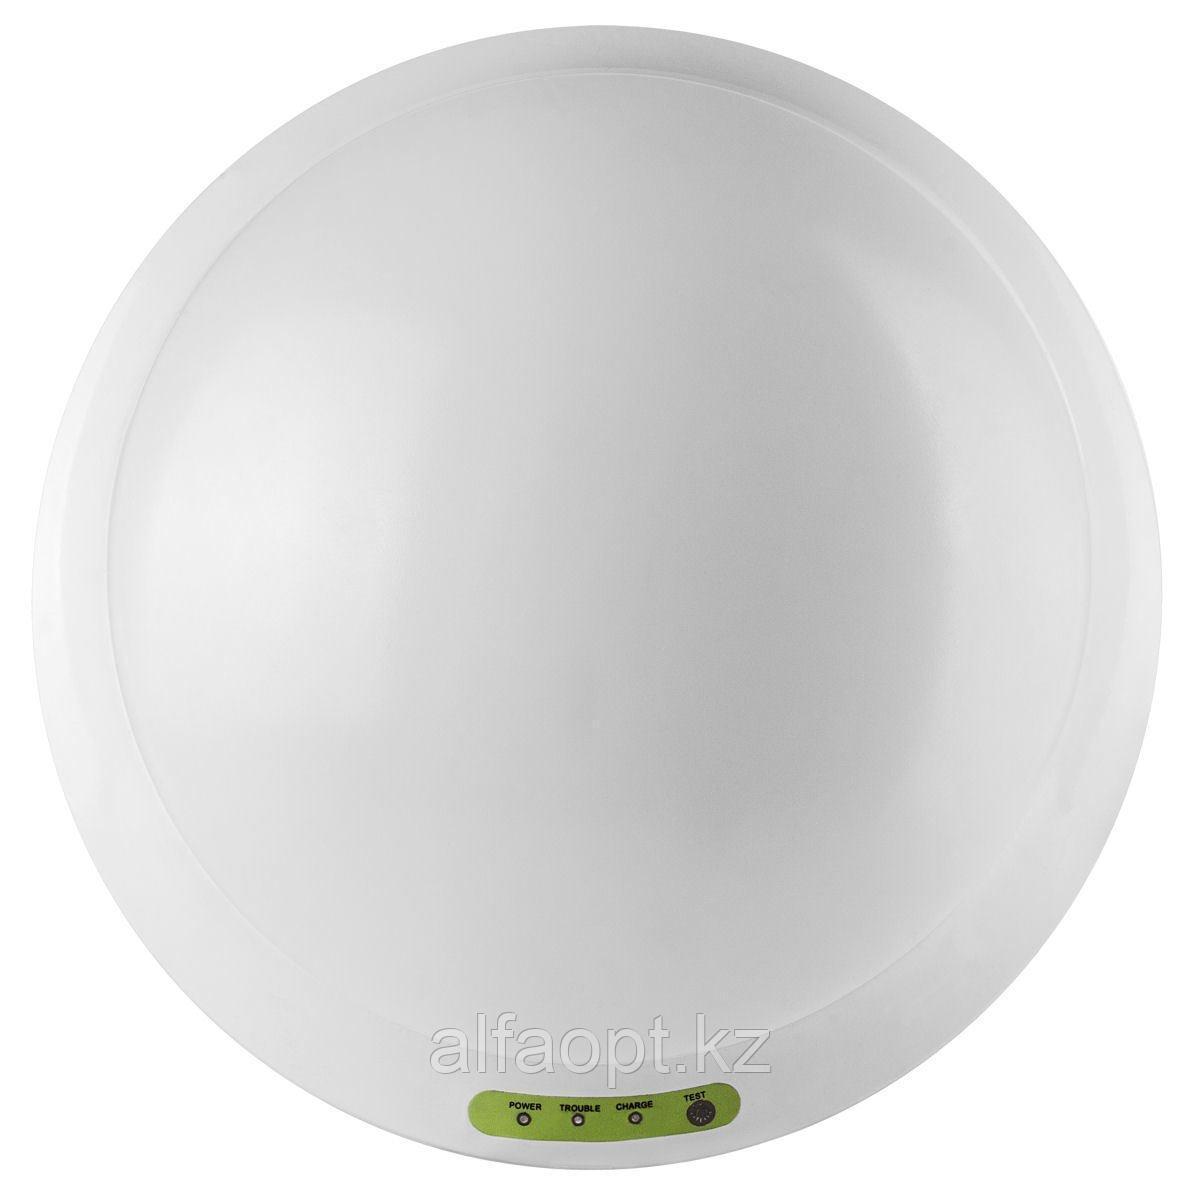 Светильник аварийный потолочный PL CL 1.0